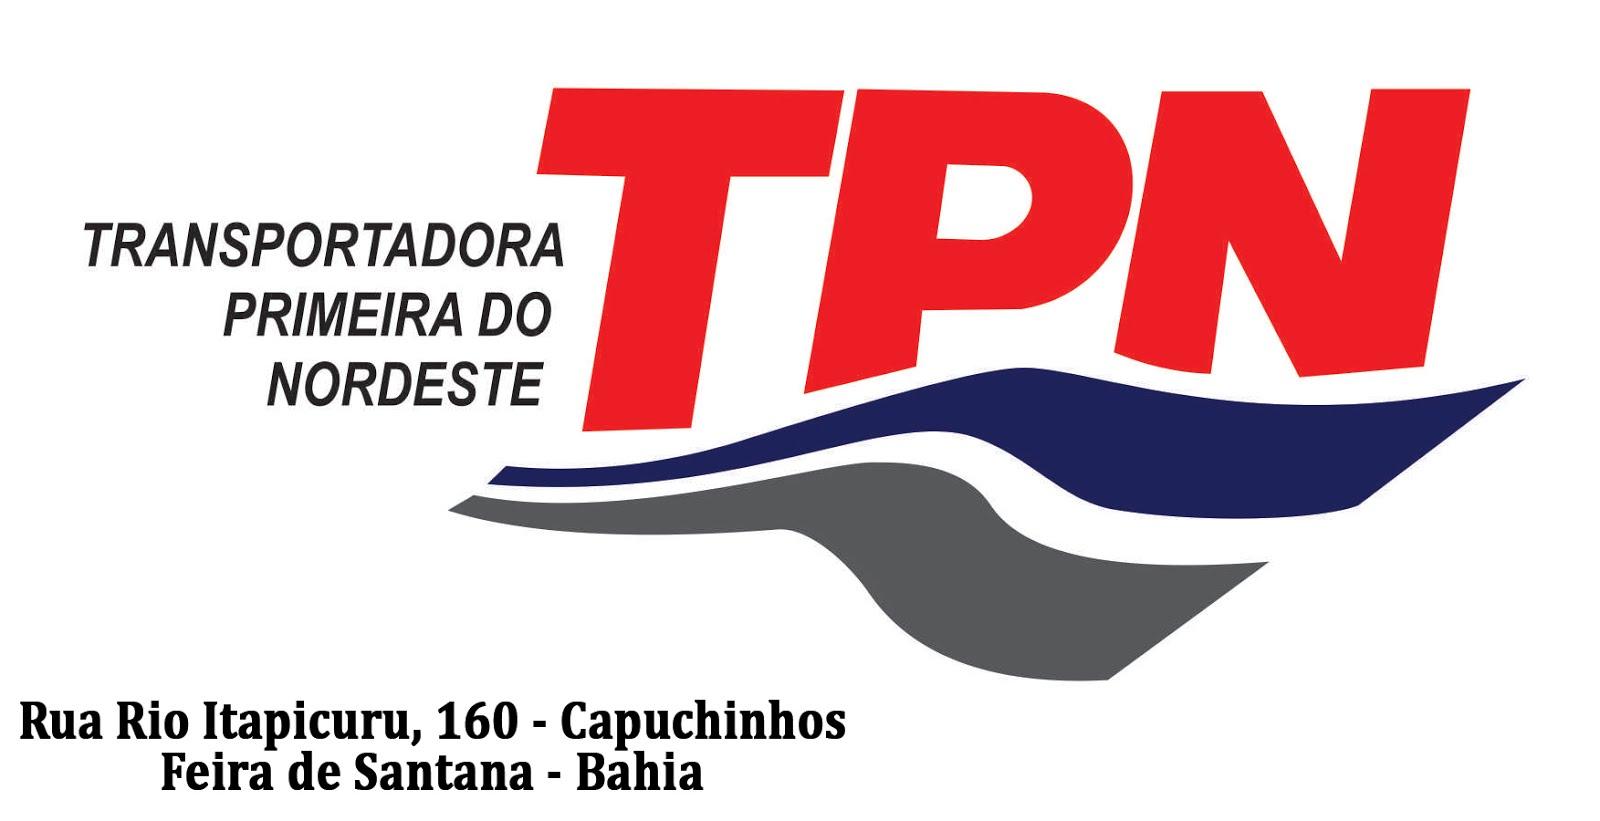 TPN - SOLUÇÕES EFICAZES EM TRANSPORTE DE CARGA - TEL (75)3024-6144